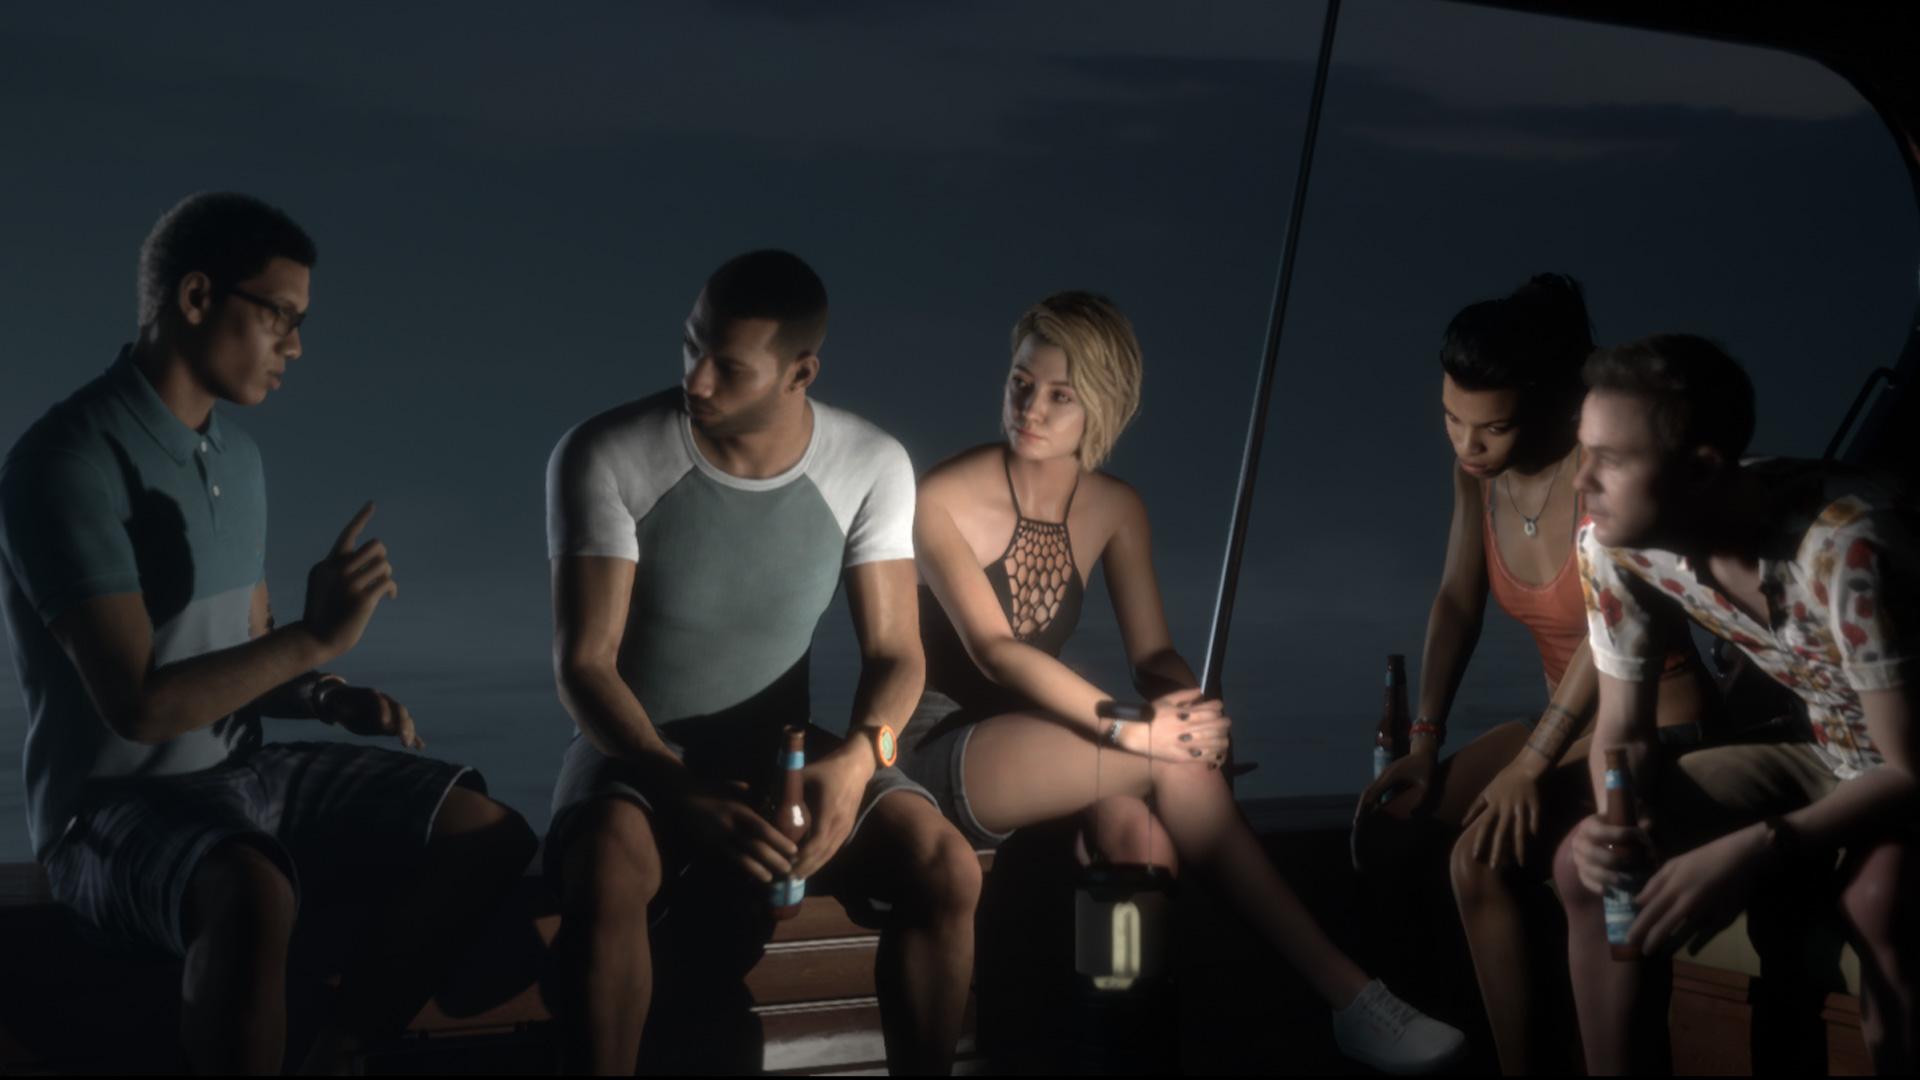 电影式恐怖游戏 《黑相集:棉兰号》超长多人模式试玩视频